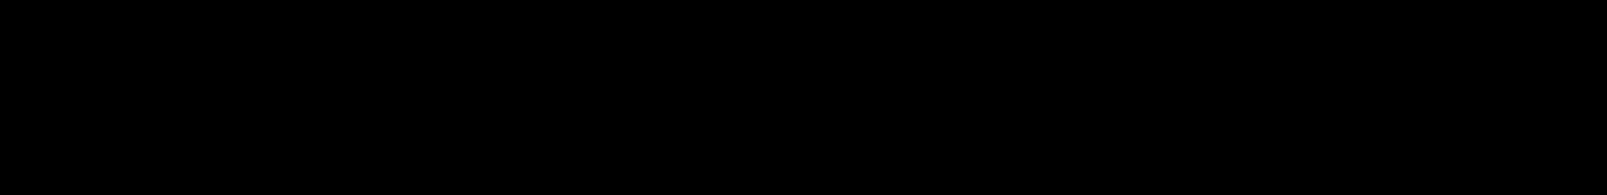 中央C的位置